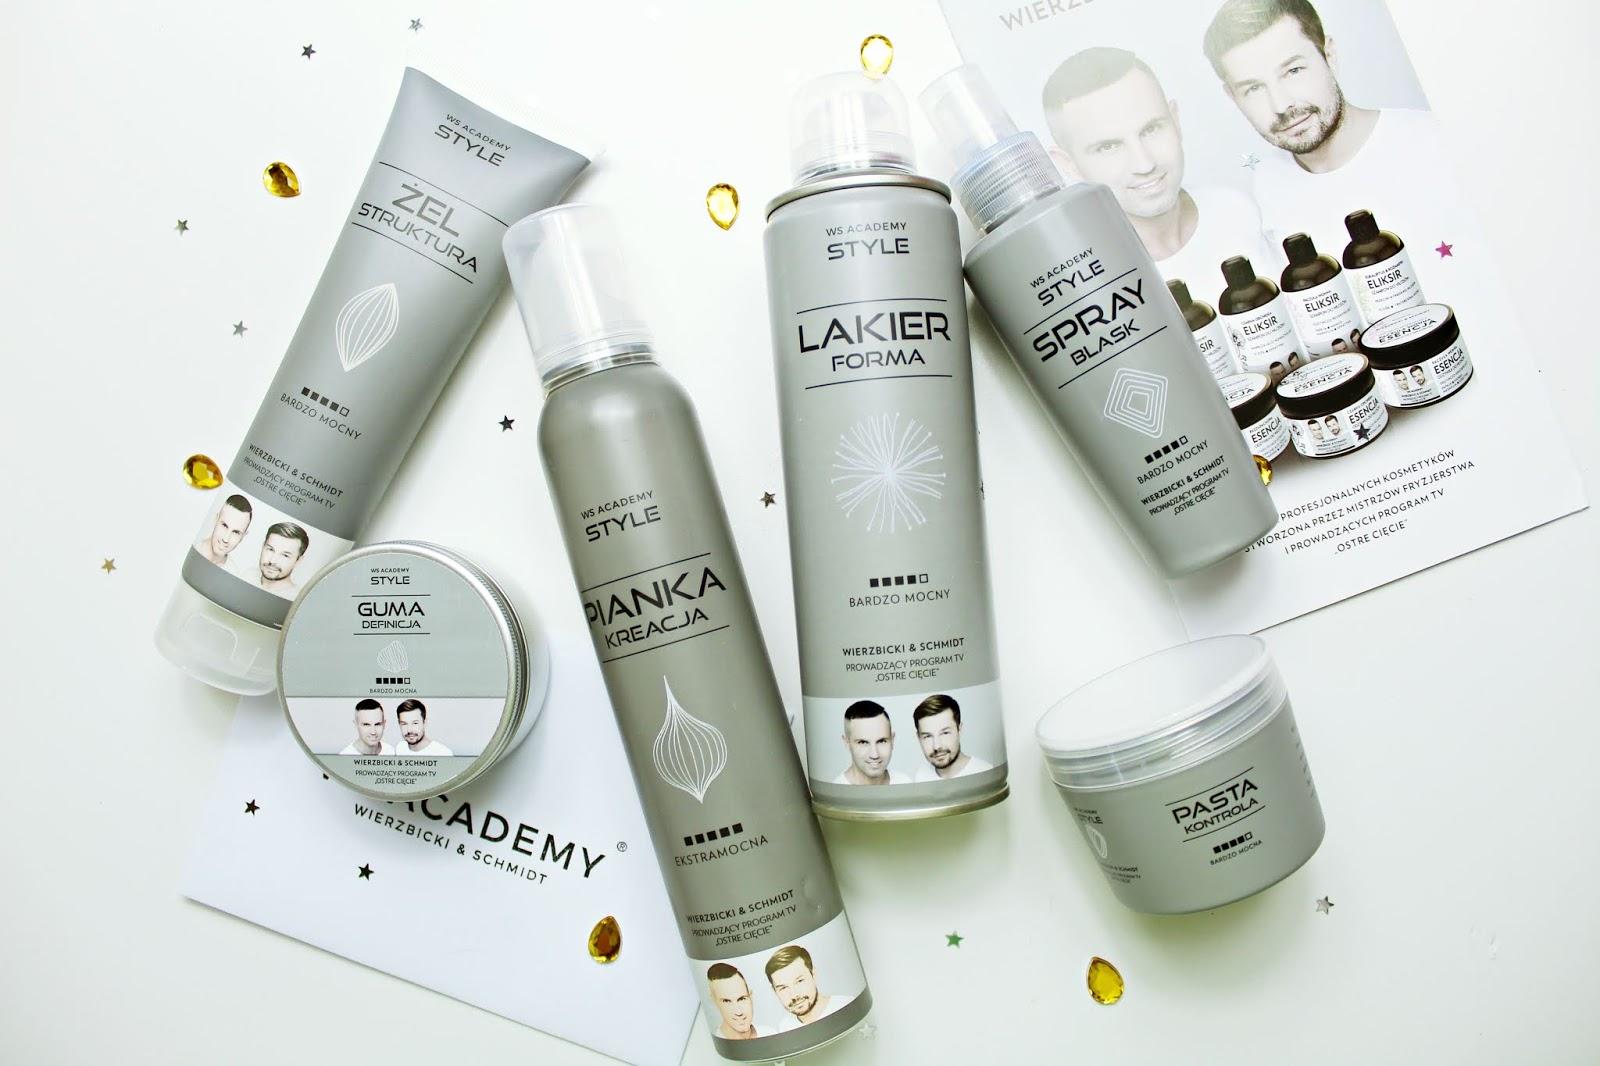 Nowa linia kosmetyków do stylizacji włosów WS STYLE od WS ACADEMY